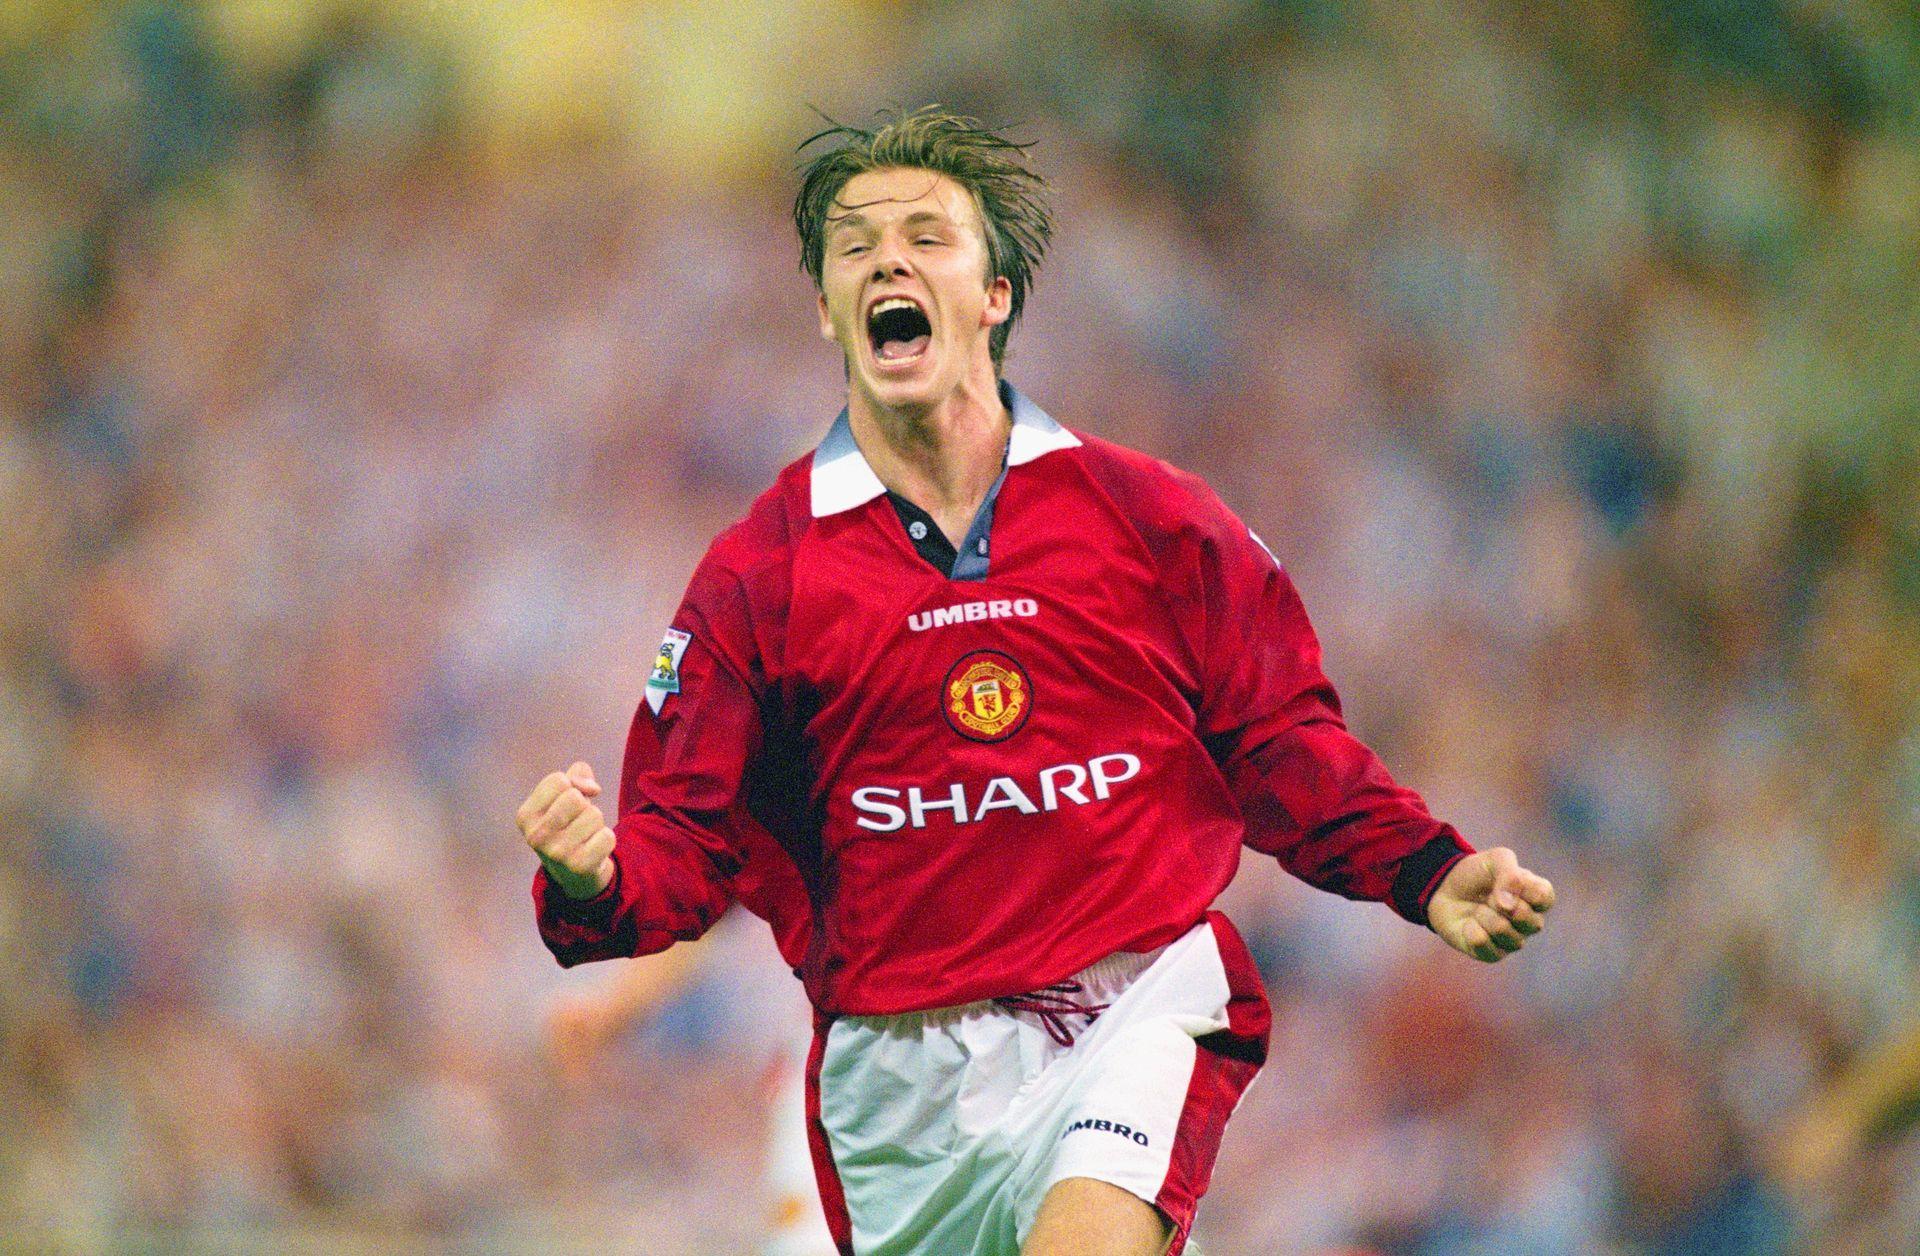 21. Дейвид Бекъм - Златното момче. Поколението на Клас 1992 на Манчестър Юнайтед е легендарно, а той е лицето му. И вероятно - най-популярният футболист изобщо, излязъл от английската игра. Спечели 6 титли за десетилетие с Юнайтед, преди да мине през Реал, Милан и ПСЖ, за да завърши кариерата си в Америка.